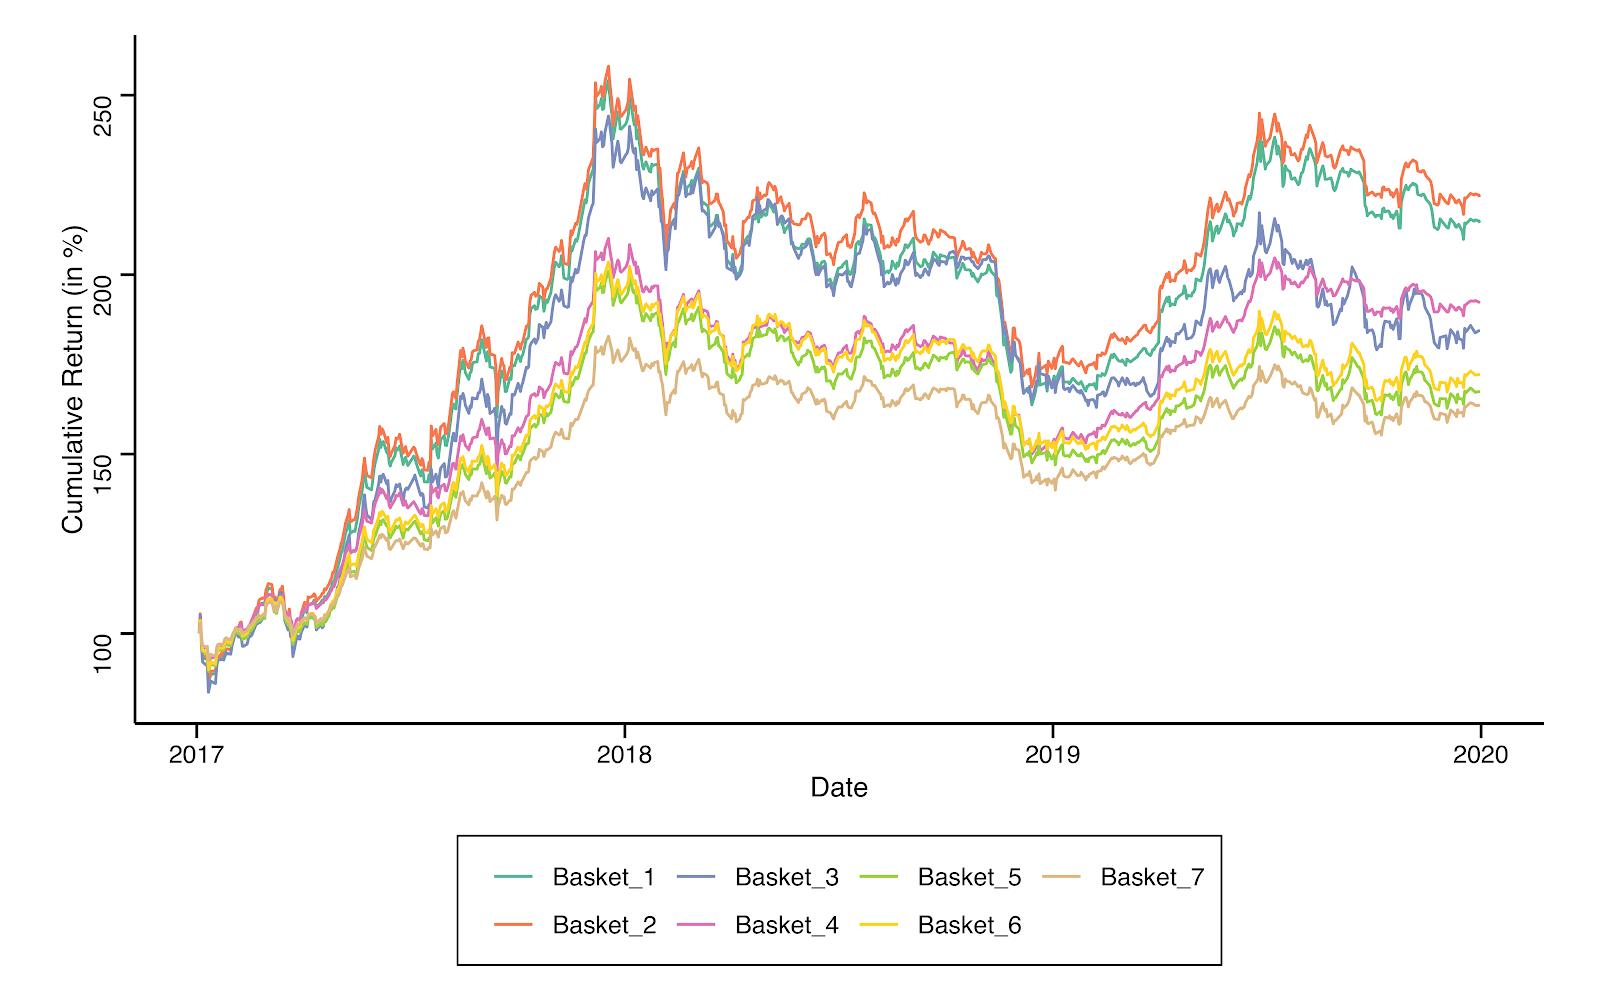 Evolution de divers portefeuilles d'actifs financiers, certains contenant du Bitcoin, d'autres non